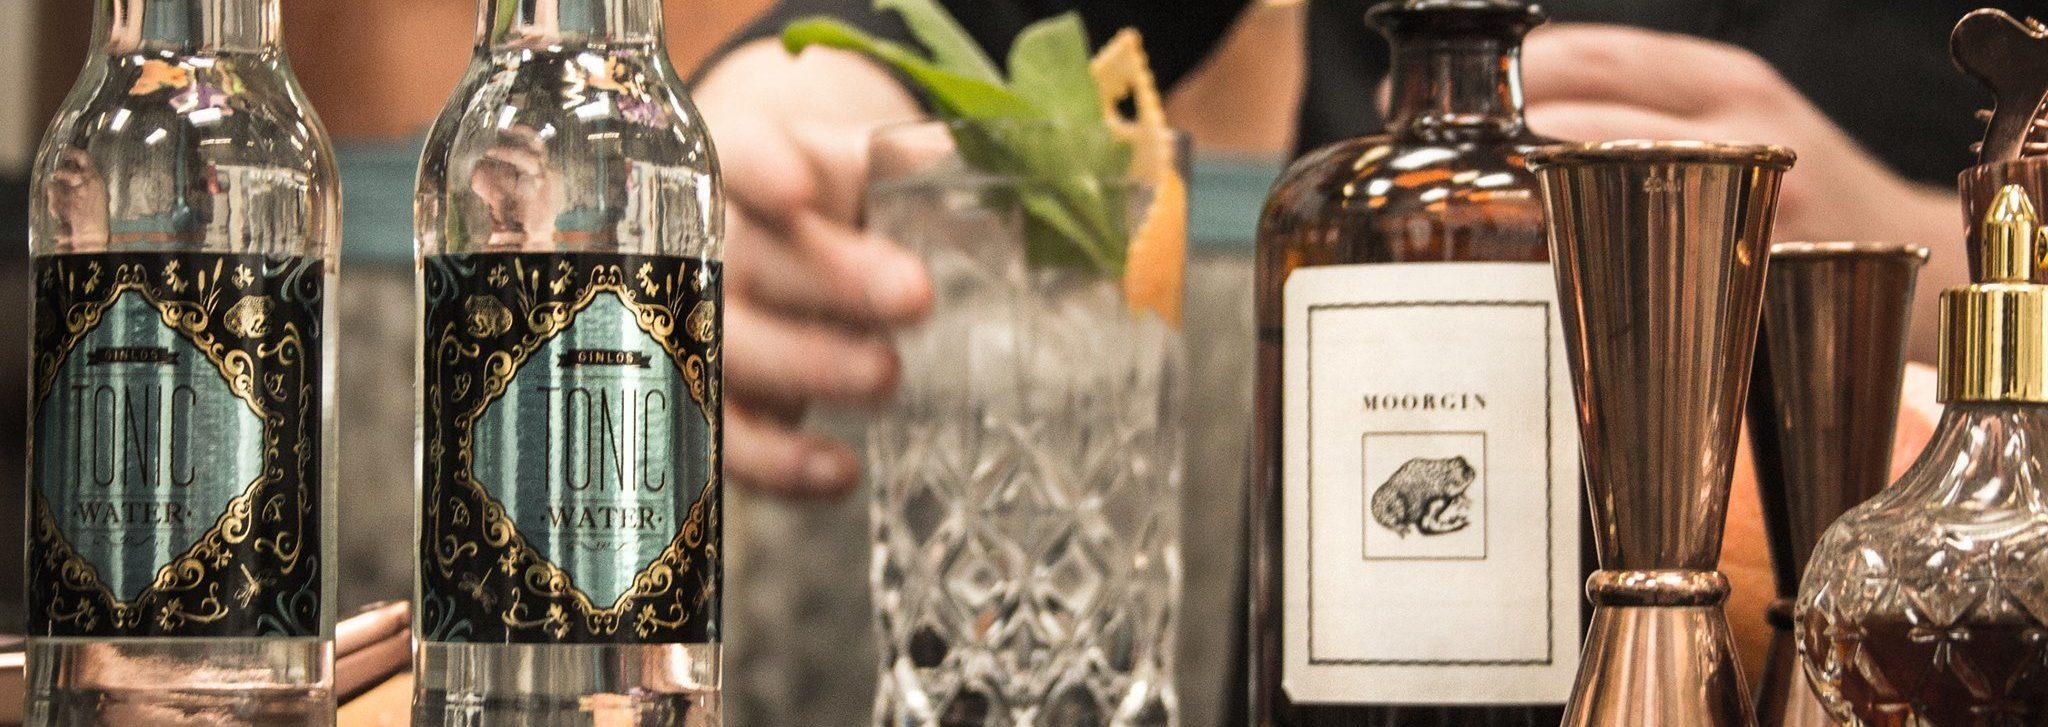 <p>GINLOS &#8211; das perfekte Tonic Water Zu einem außergewöhnlichen Gin gehört ein ebenso außergewöhnliches Tonic Water. Unser GINLOS ist ein [&hellip;]</p>